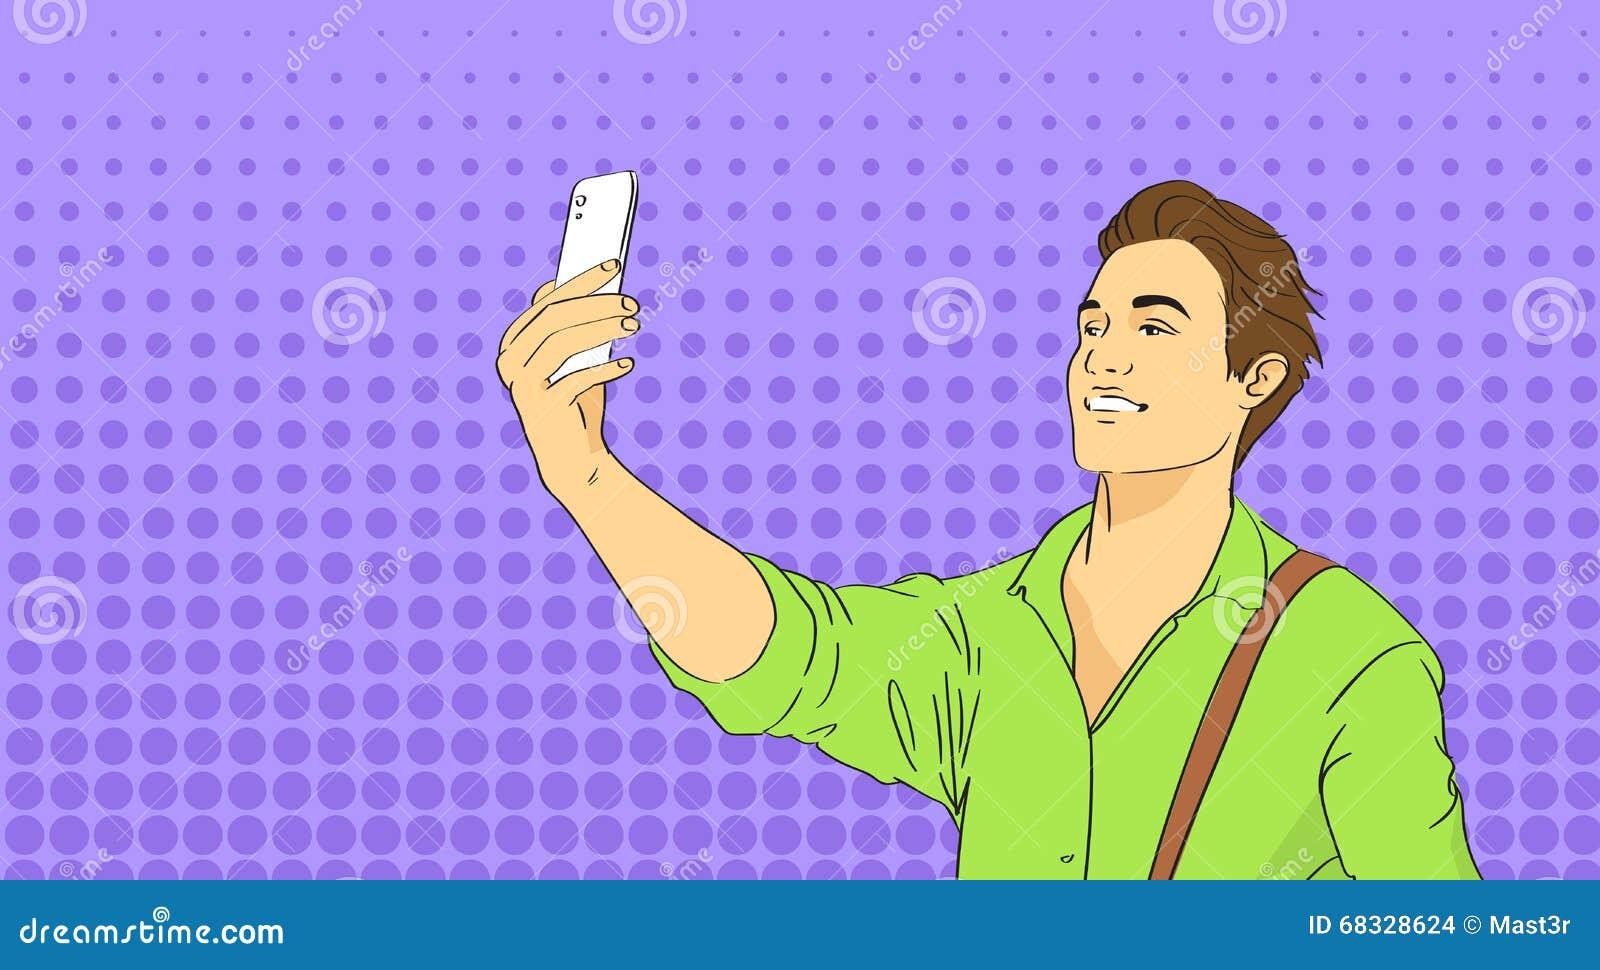 Uomo che prende la foto di Selfie sullo schiocco Art Colorful Retro Style dello Smart Phone